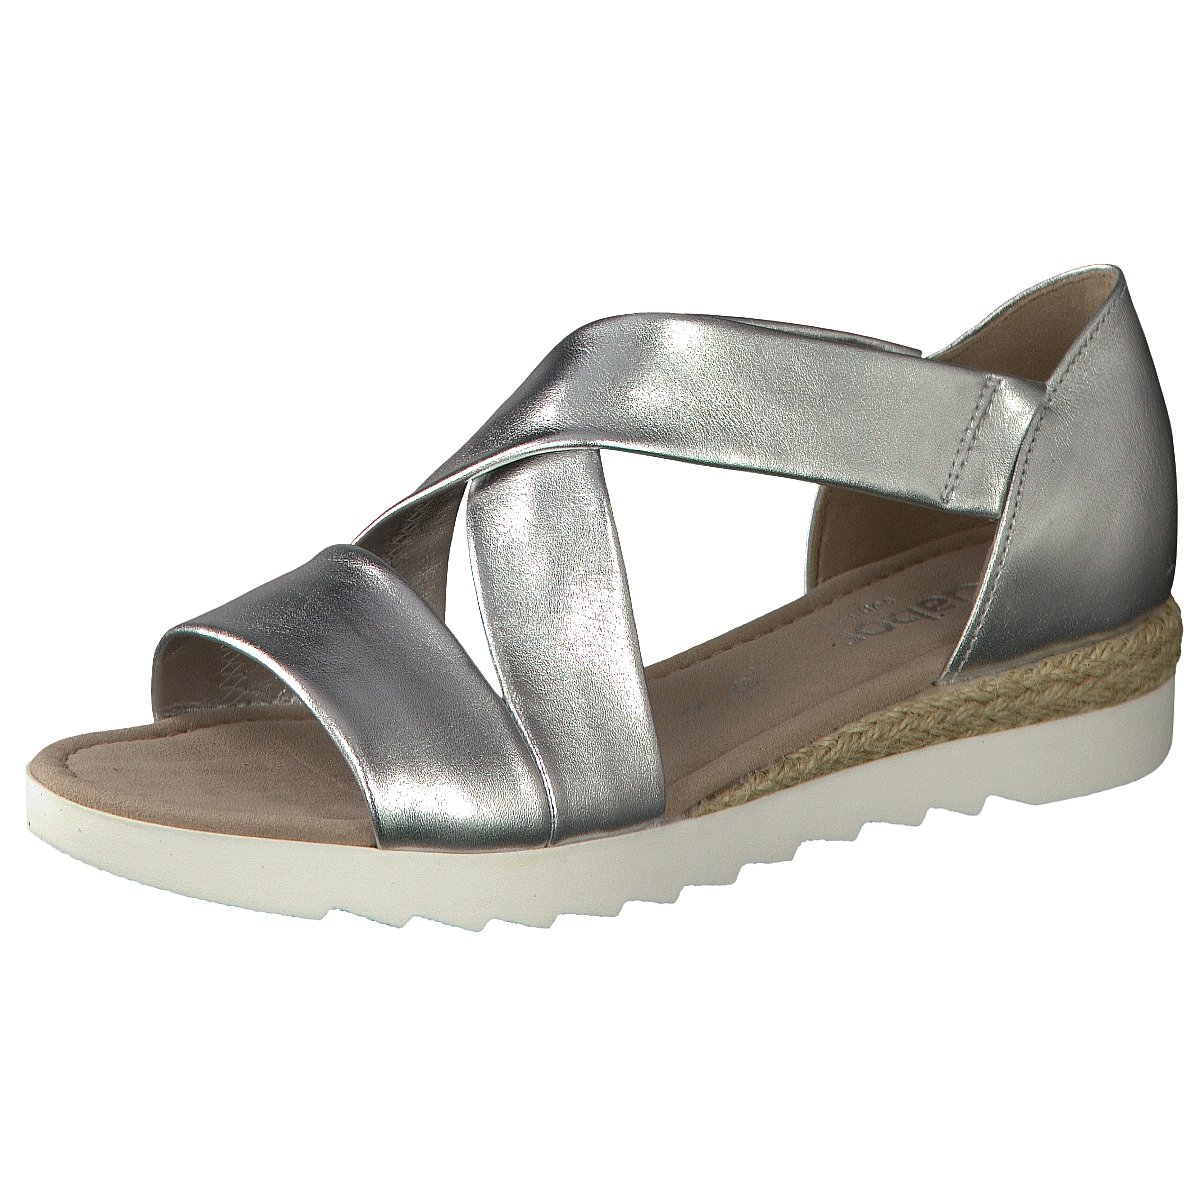 711 Silber 62 10 Damen Zu Sandaletten Details Gabor 253388 LqpMUVSzG